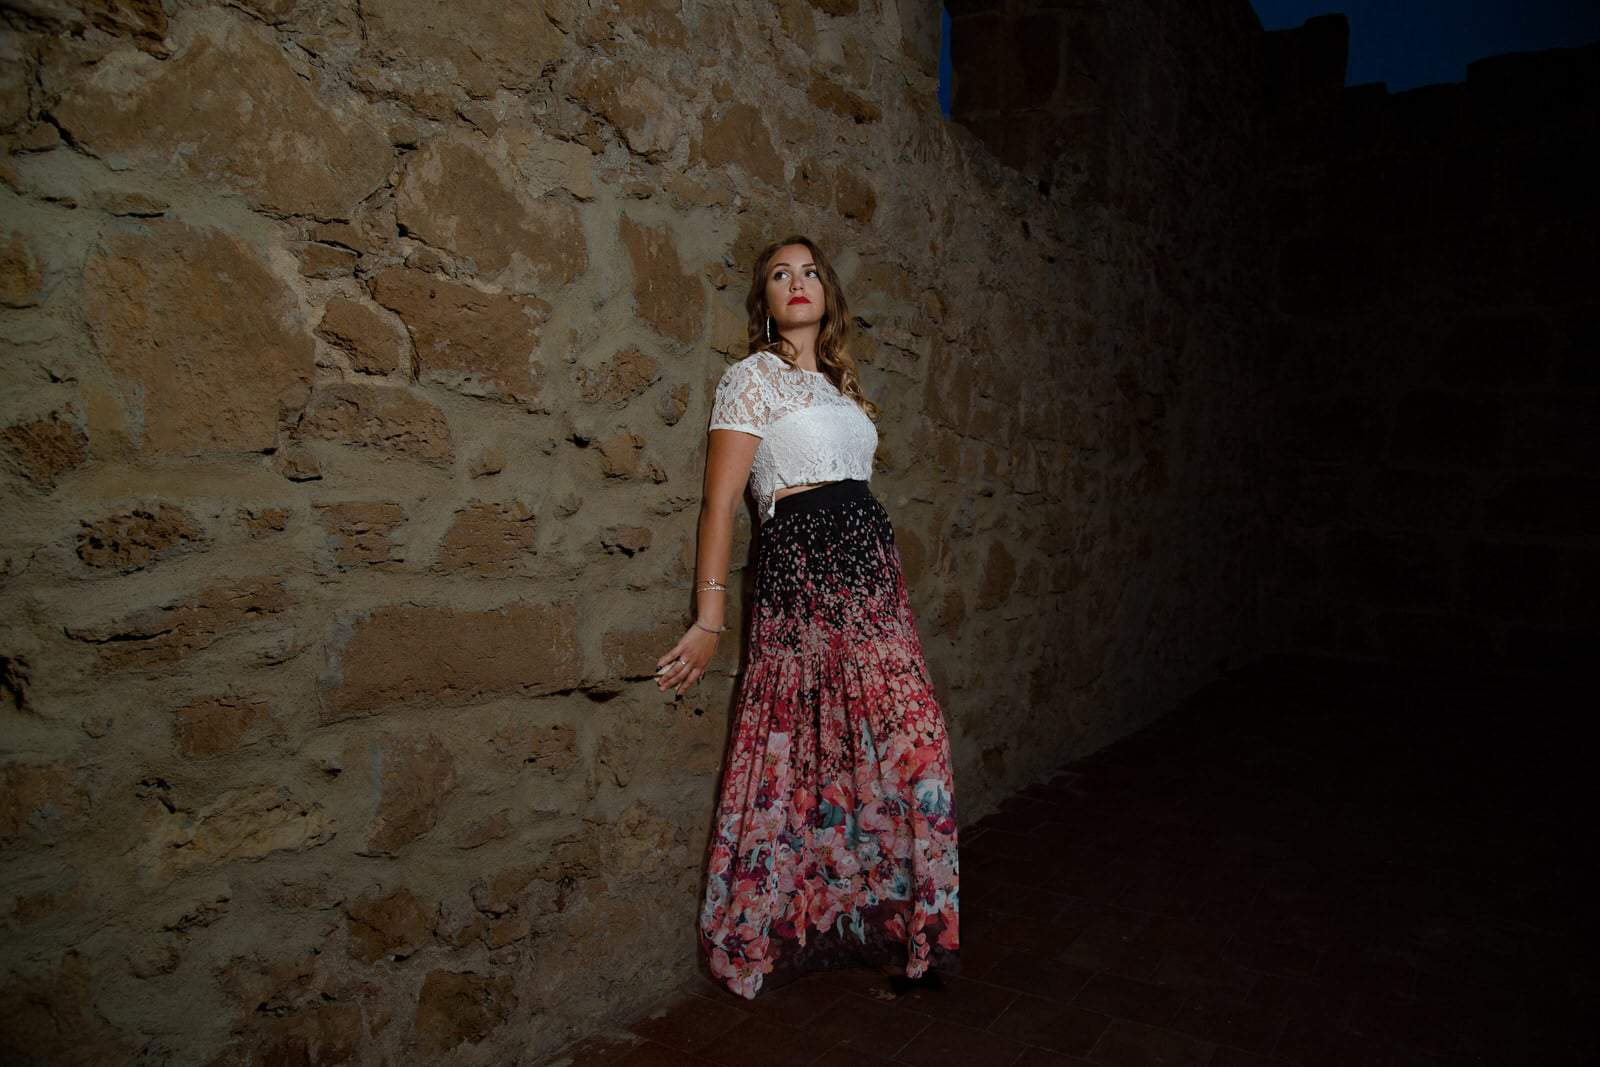 foto modella appoggiata al muro diciottesimo compleanno